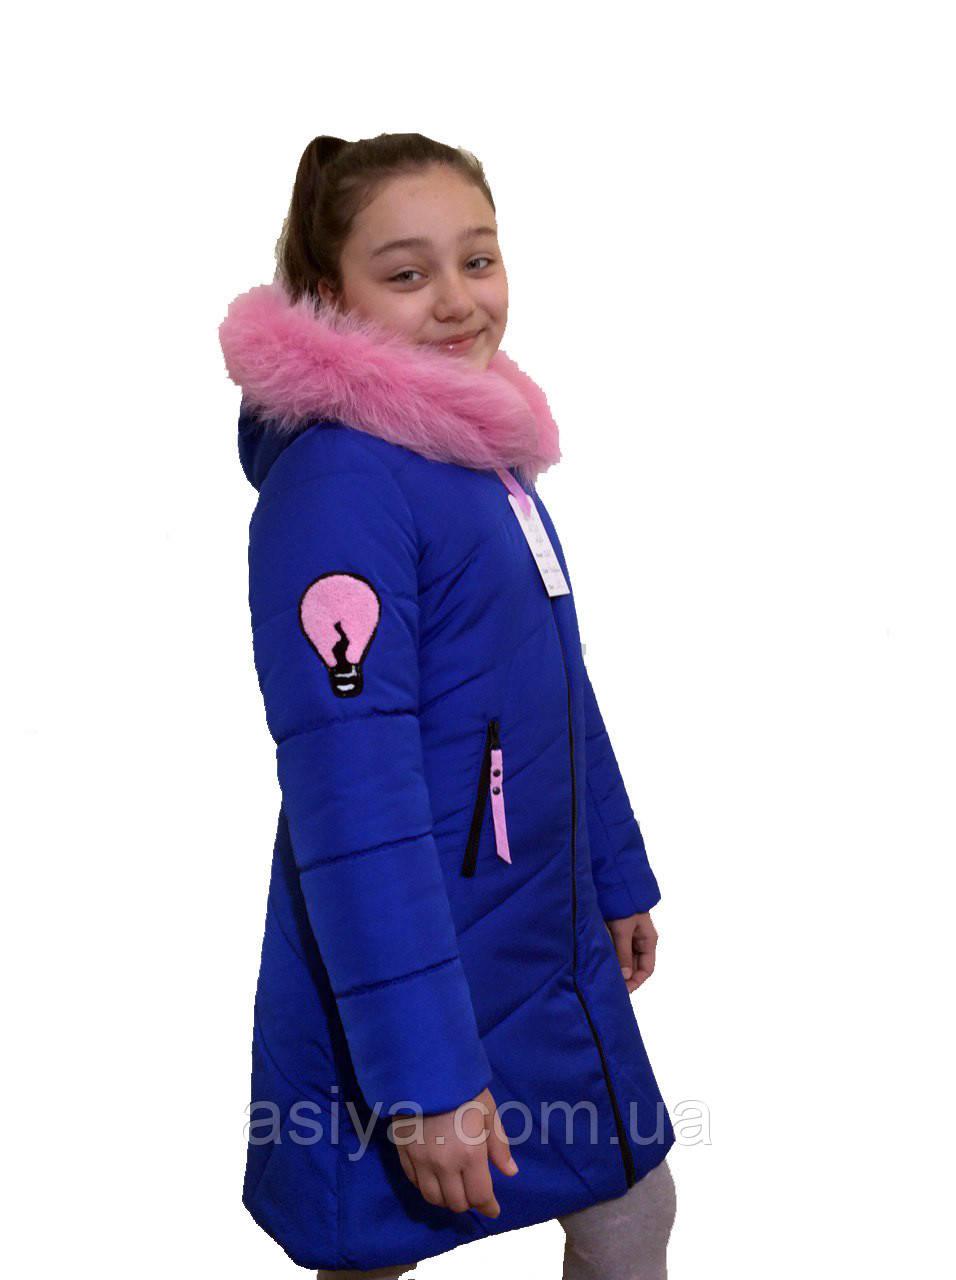 """Модне зимове пальто для дівчинки """"Електра"""" синього кольору оптом і в роздріб"""